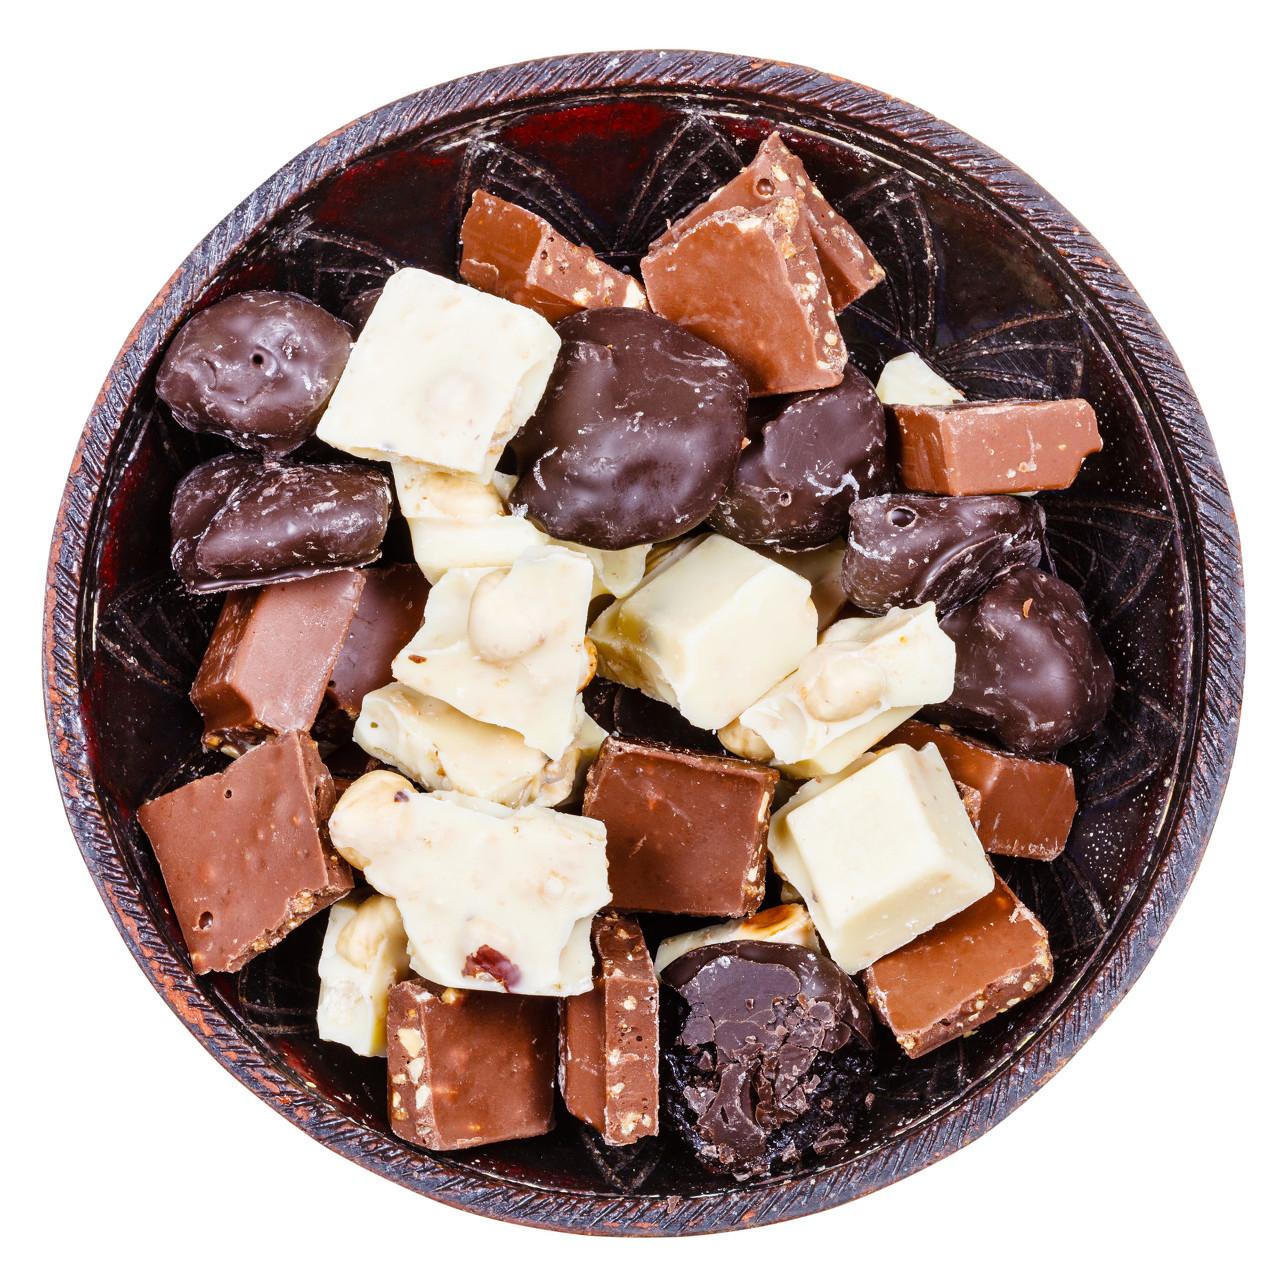 巧克力和花茶相克吗